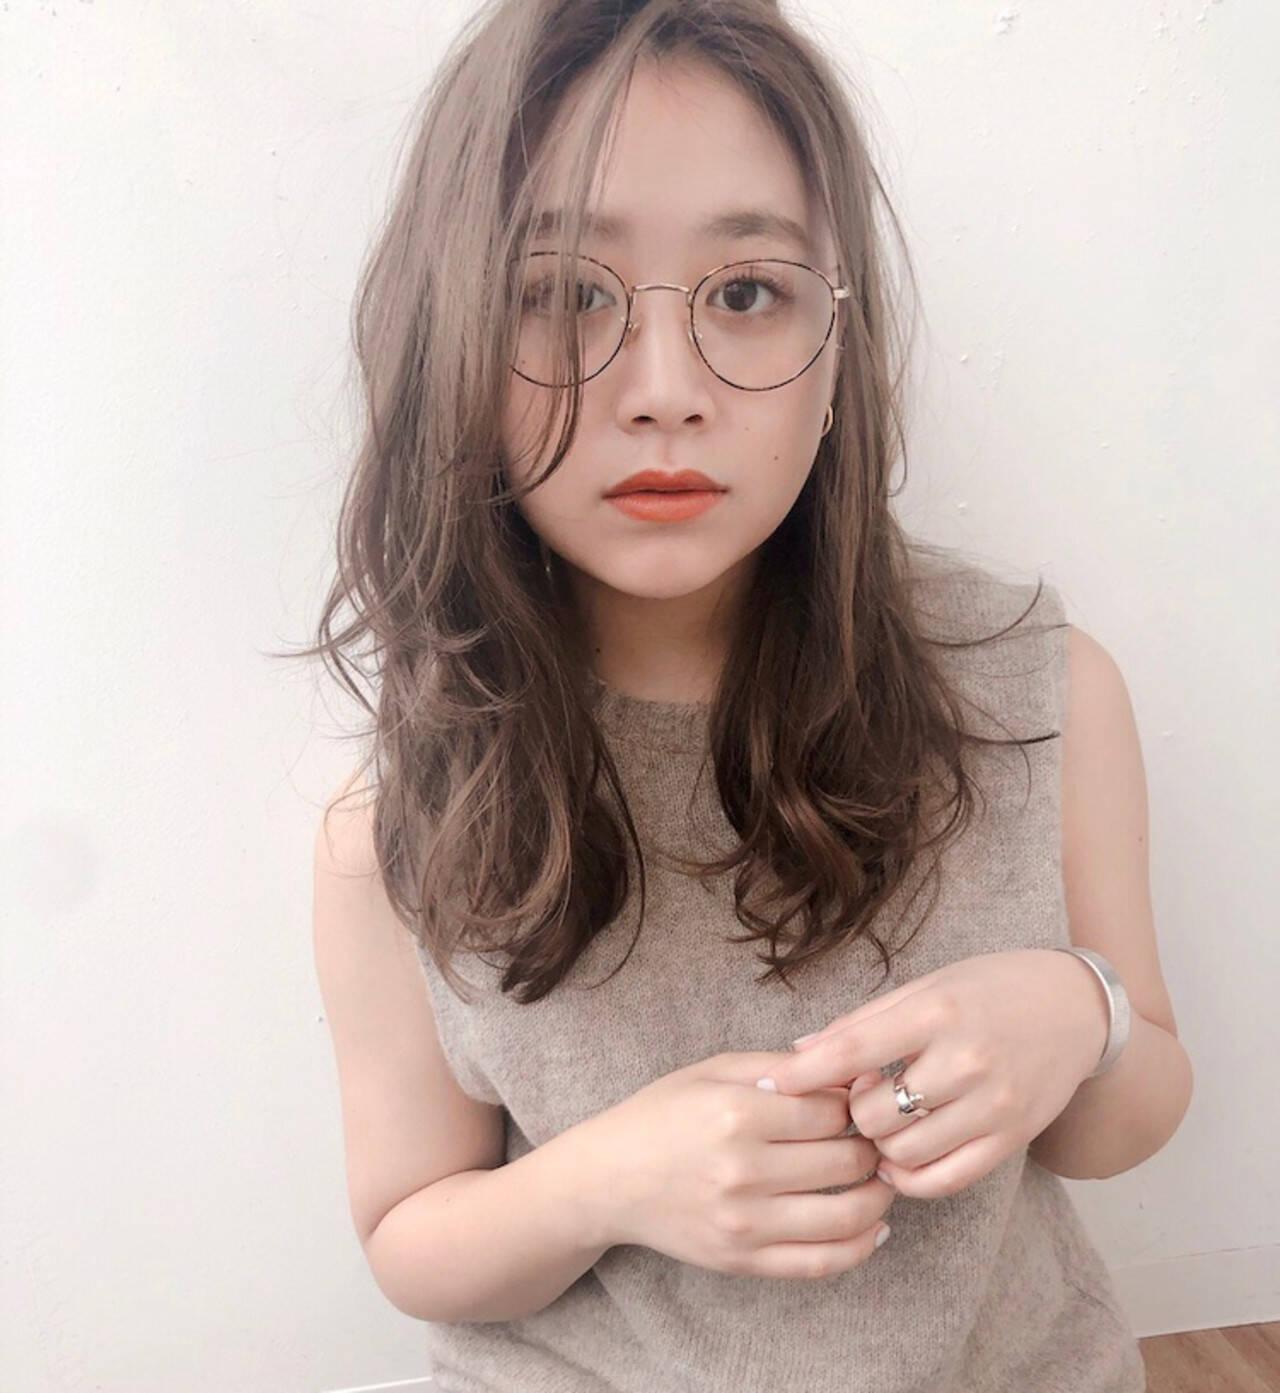 セミロング かき上げ前髪 流し前髪 センターパートヘアスタイルや髪型の写真・画像